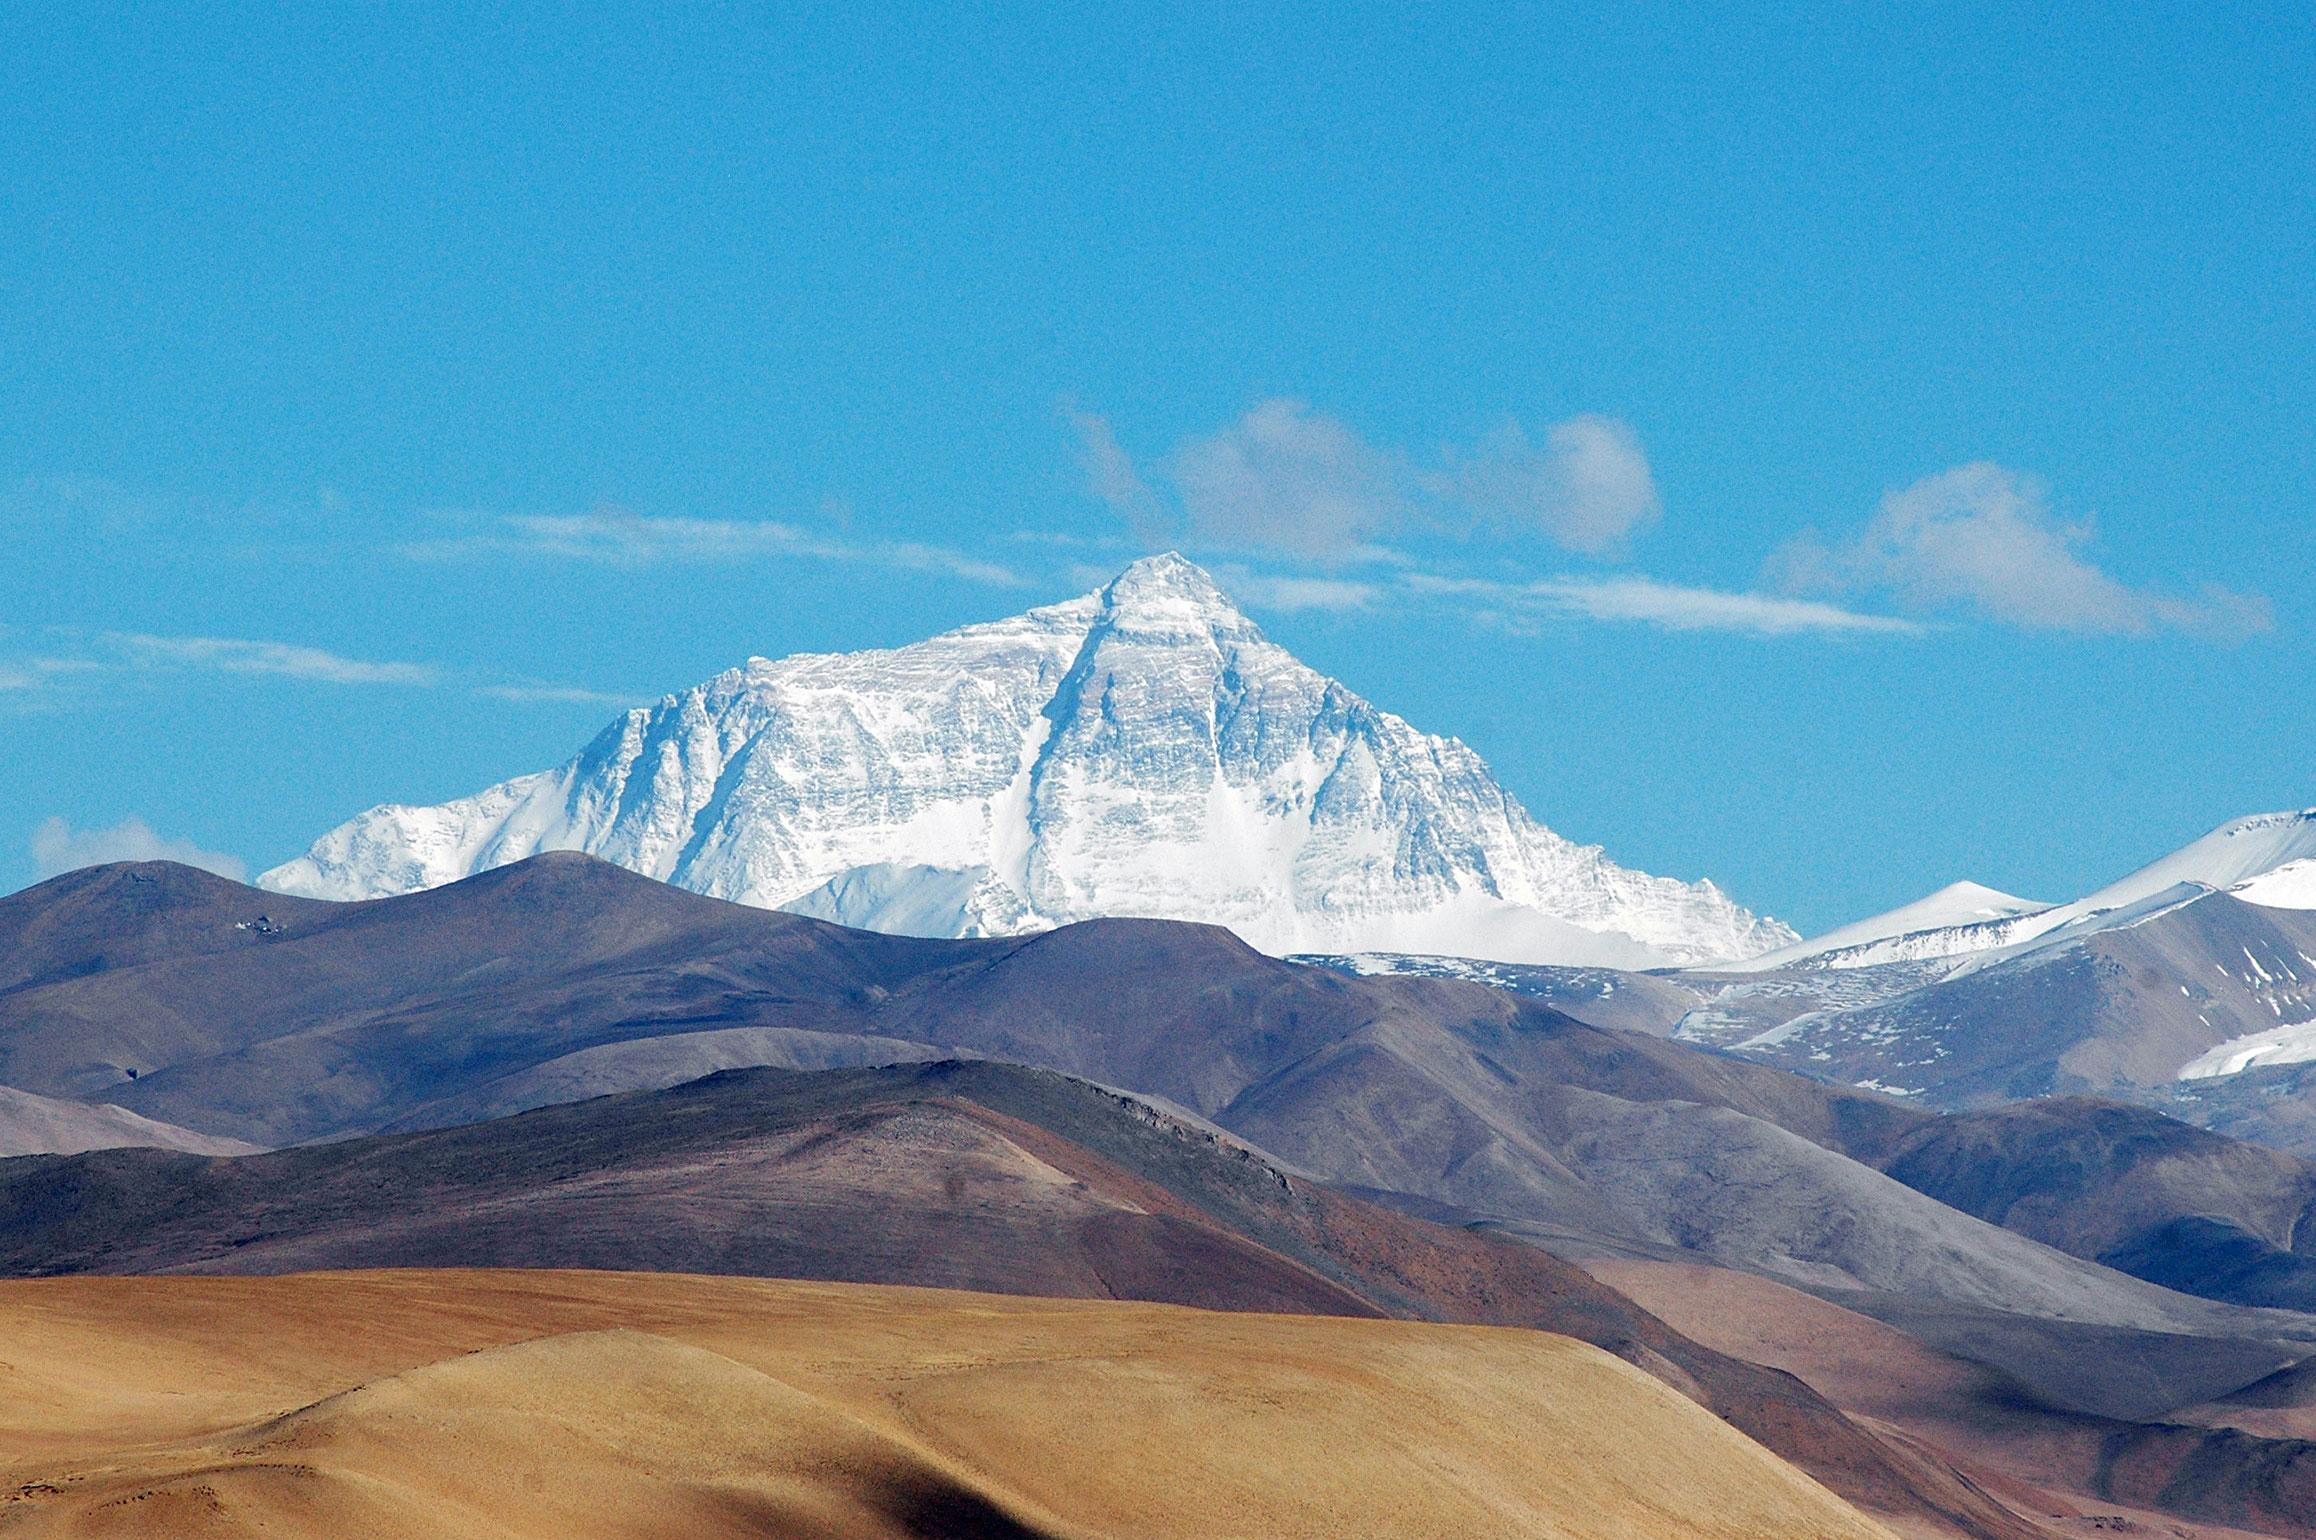 Sin nieve, el Monte Everest tendría un color verde fuerte, dado que está cubierto de musgo